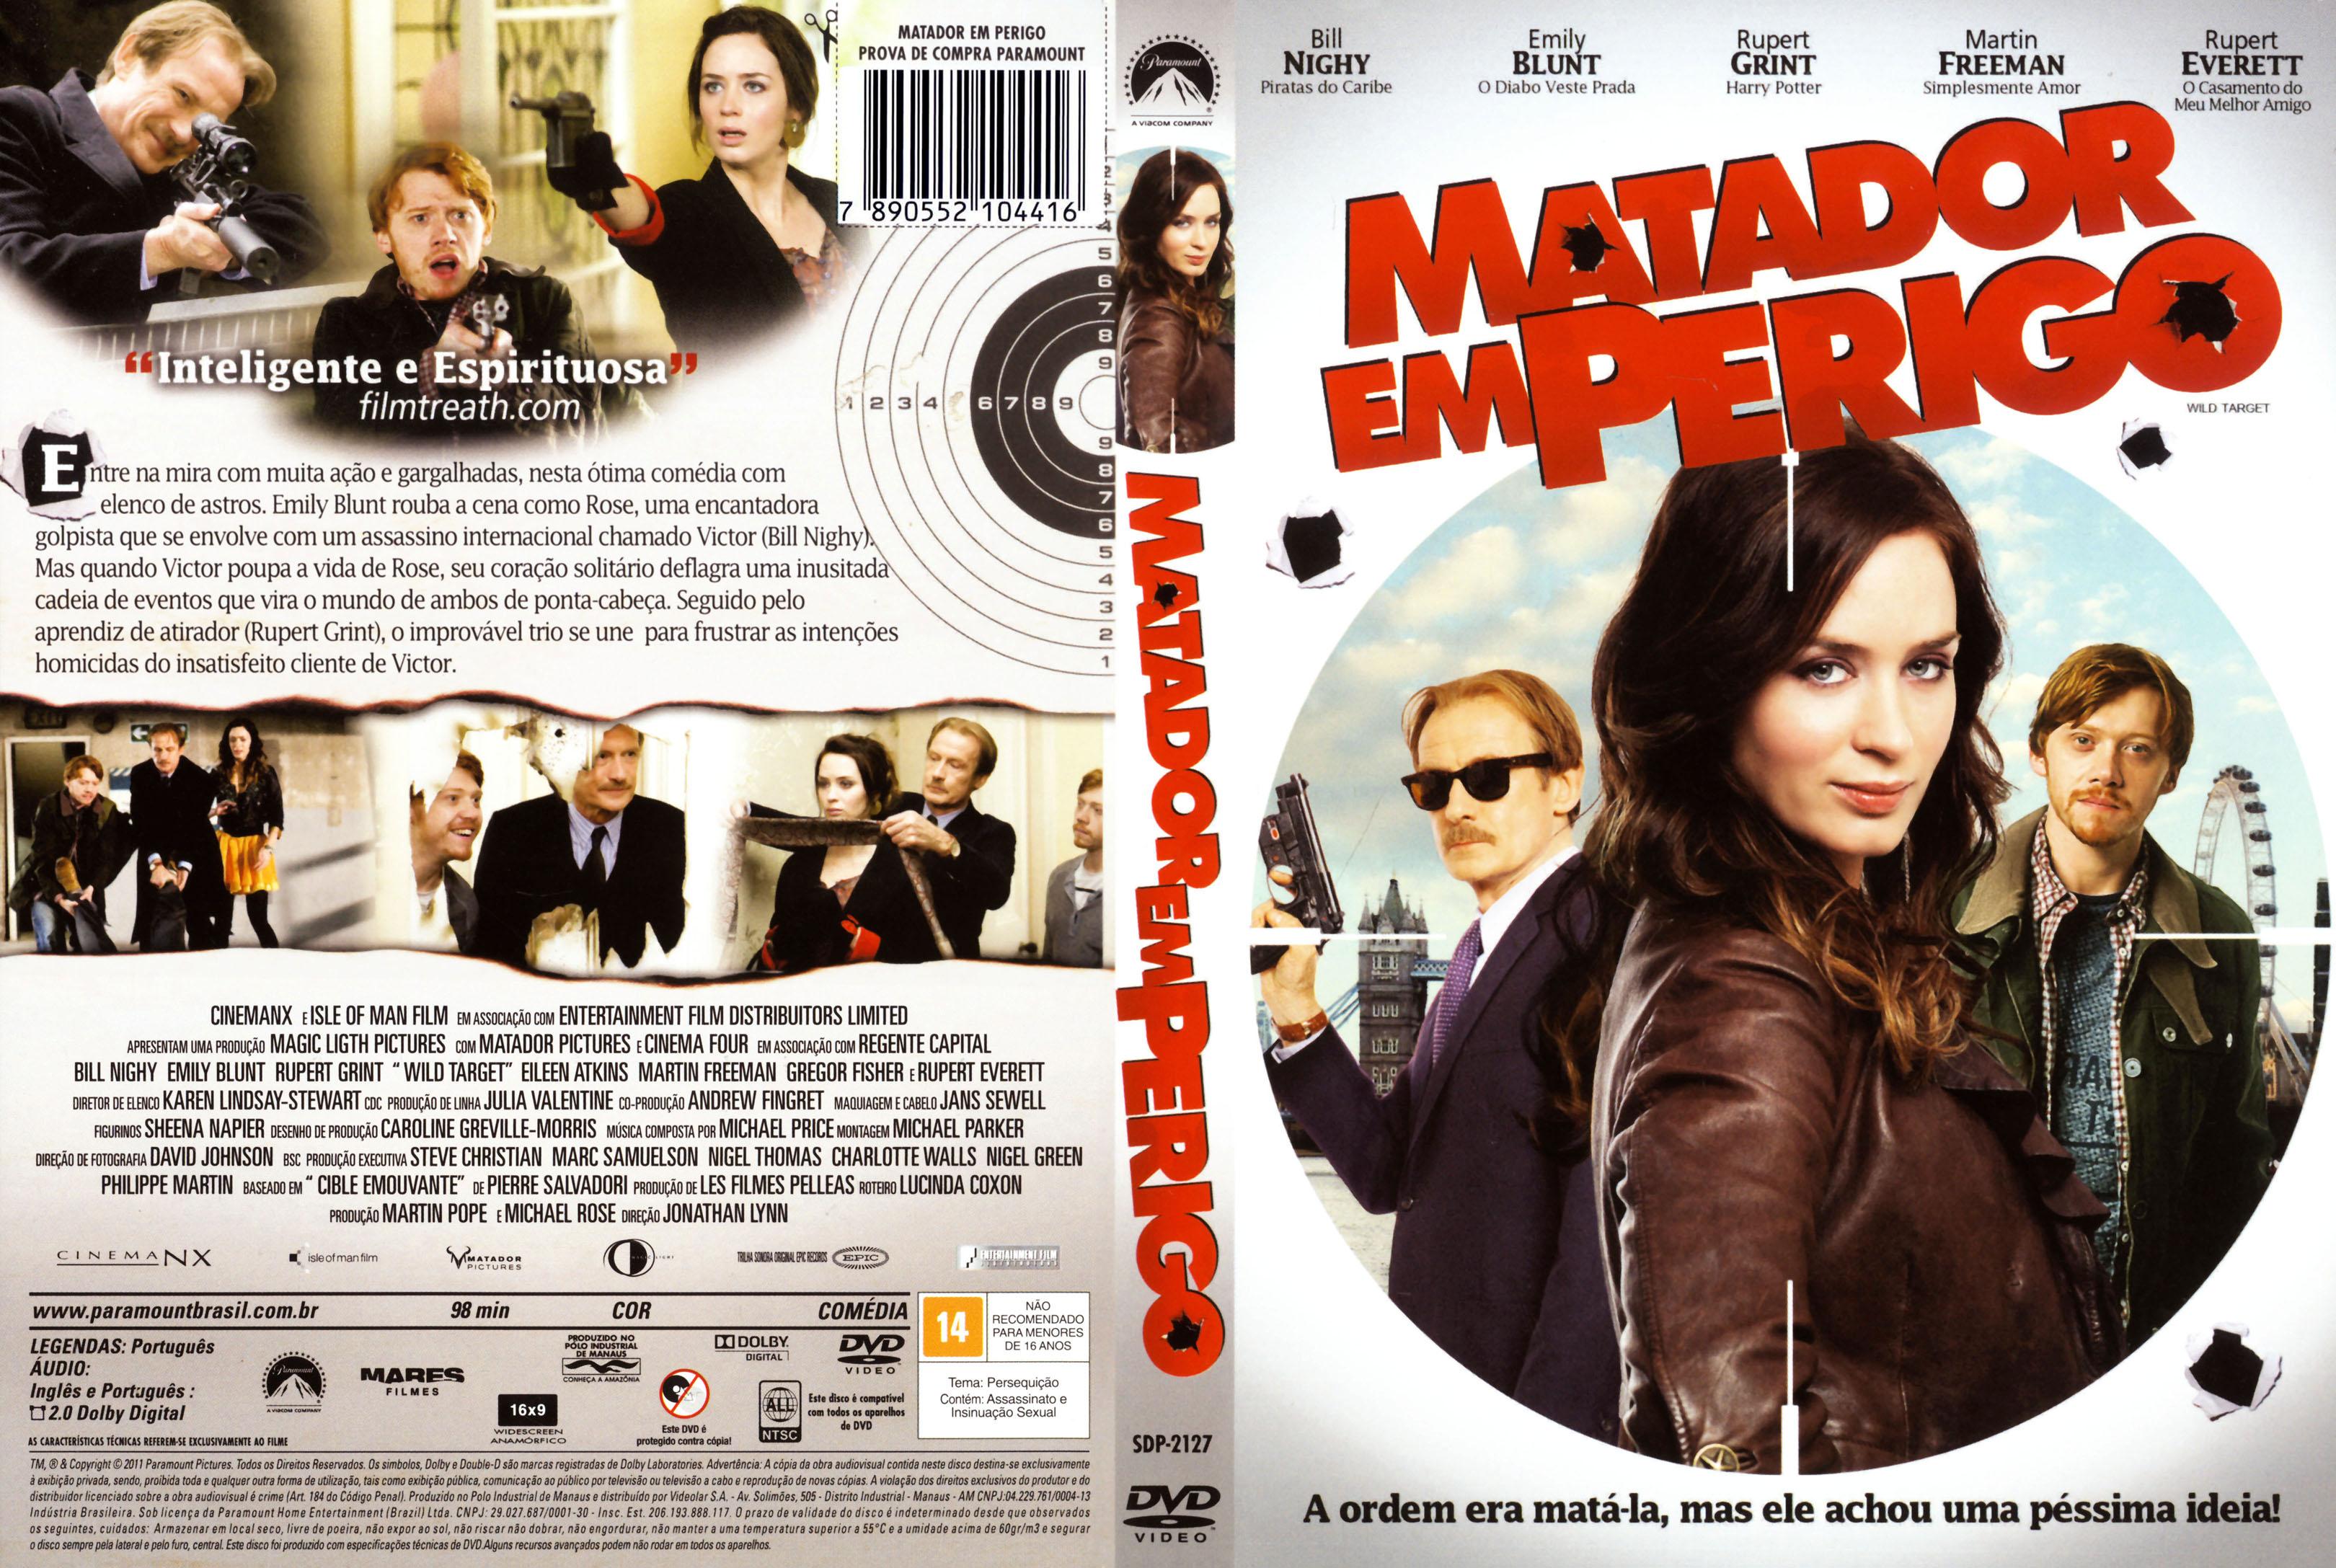 MatadorEmPerigo